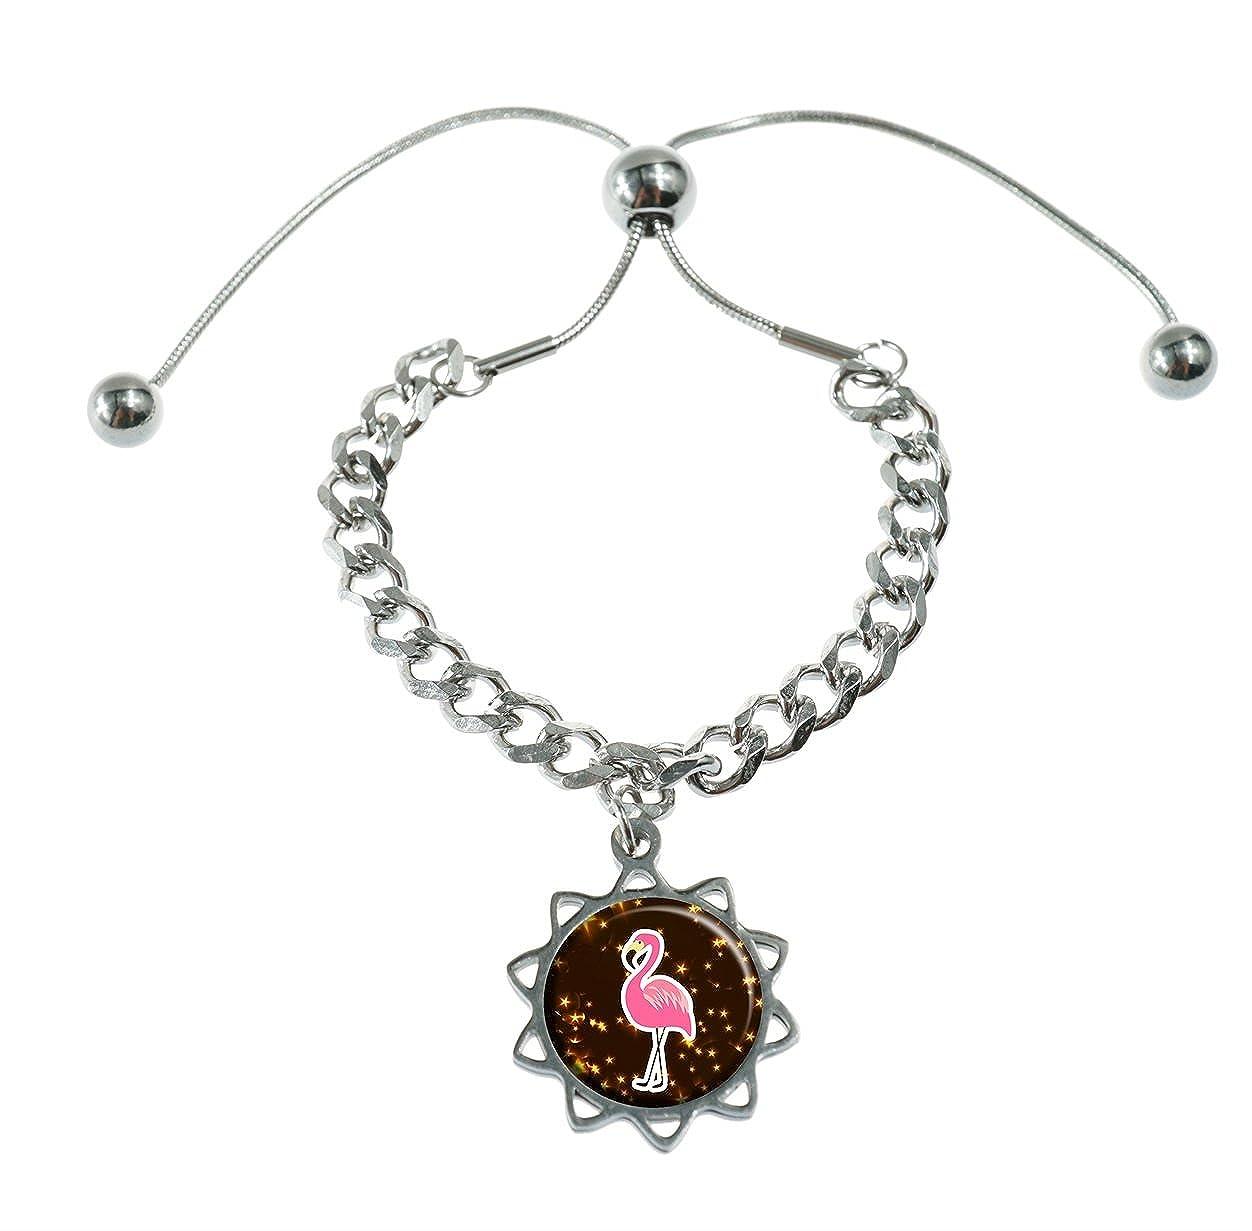 Amazon com onebee beautiful flamingo stickers custom fashion design charm glass bracelet jewelry gift jewelry